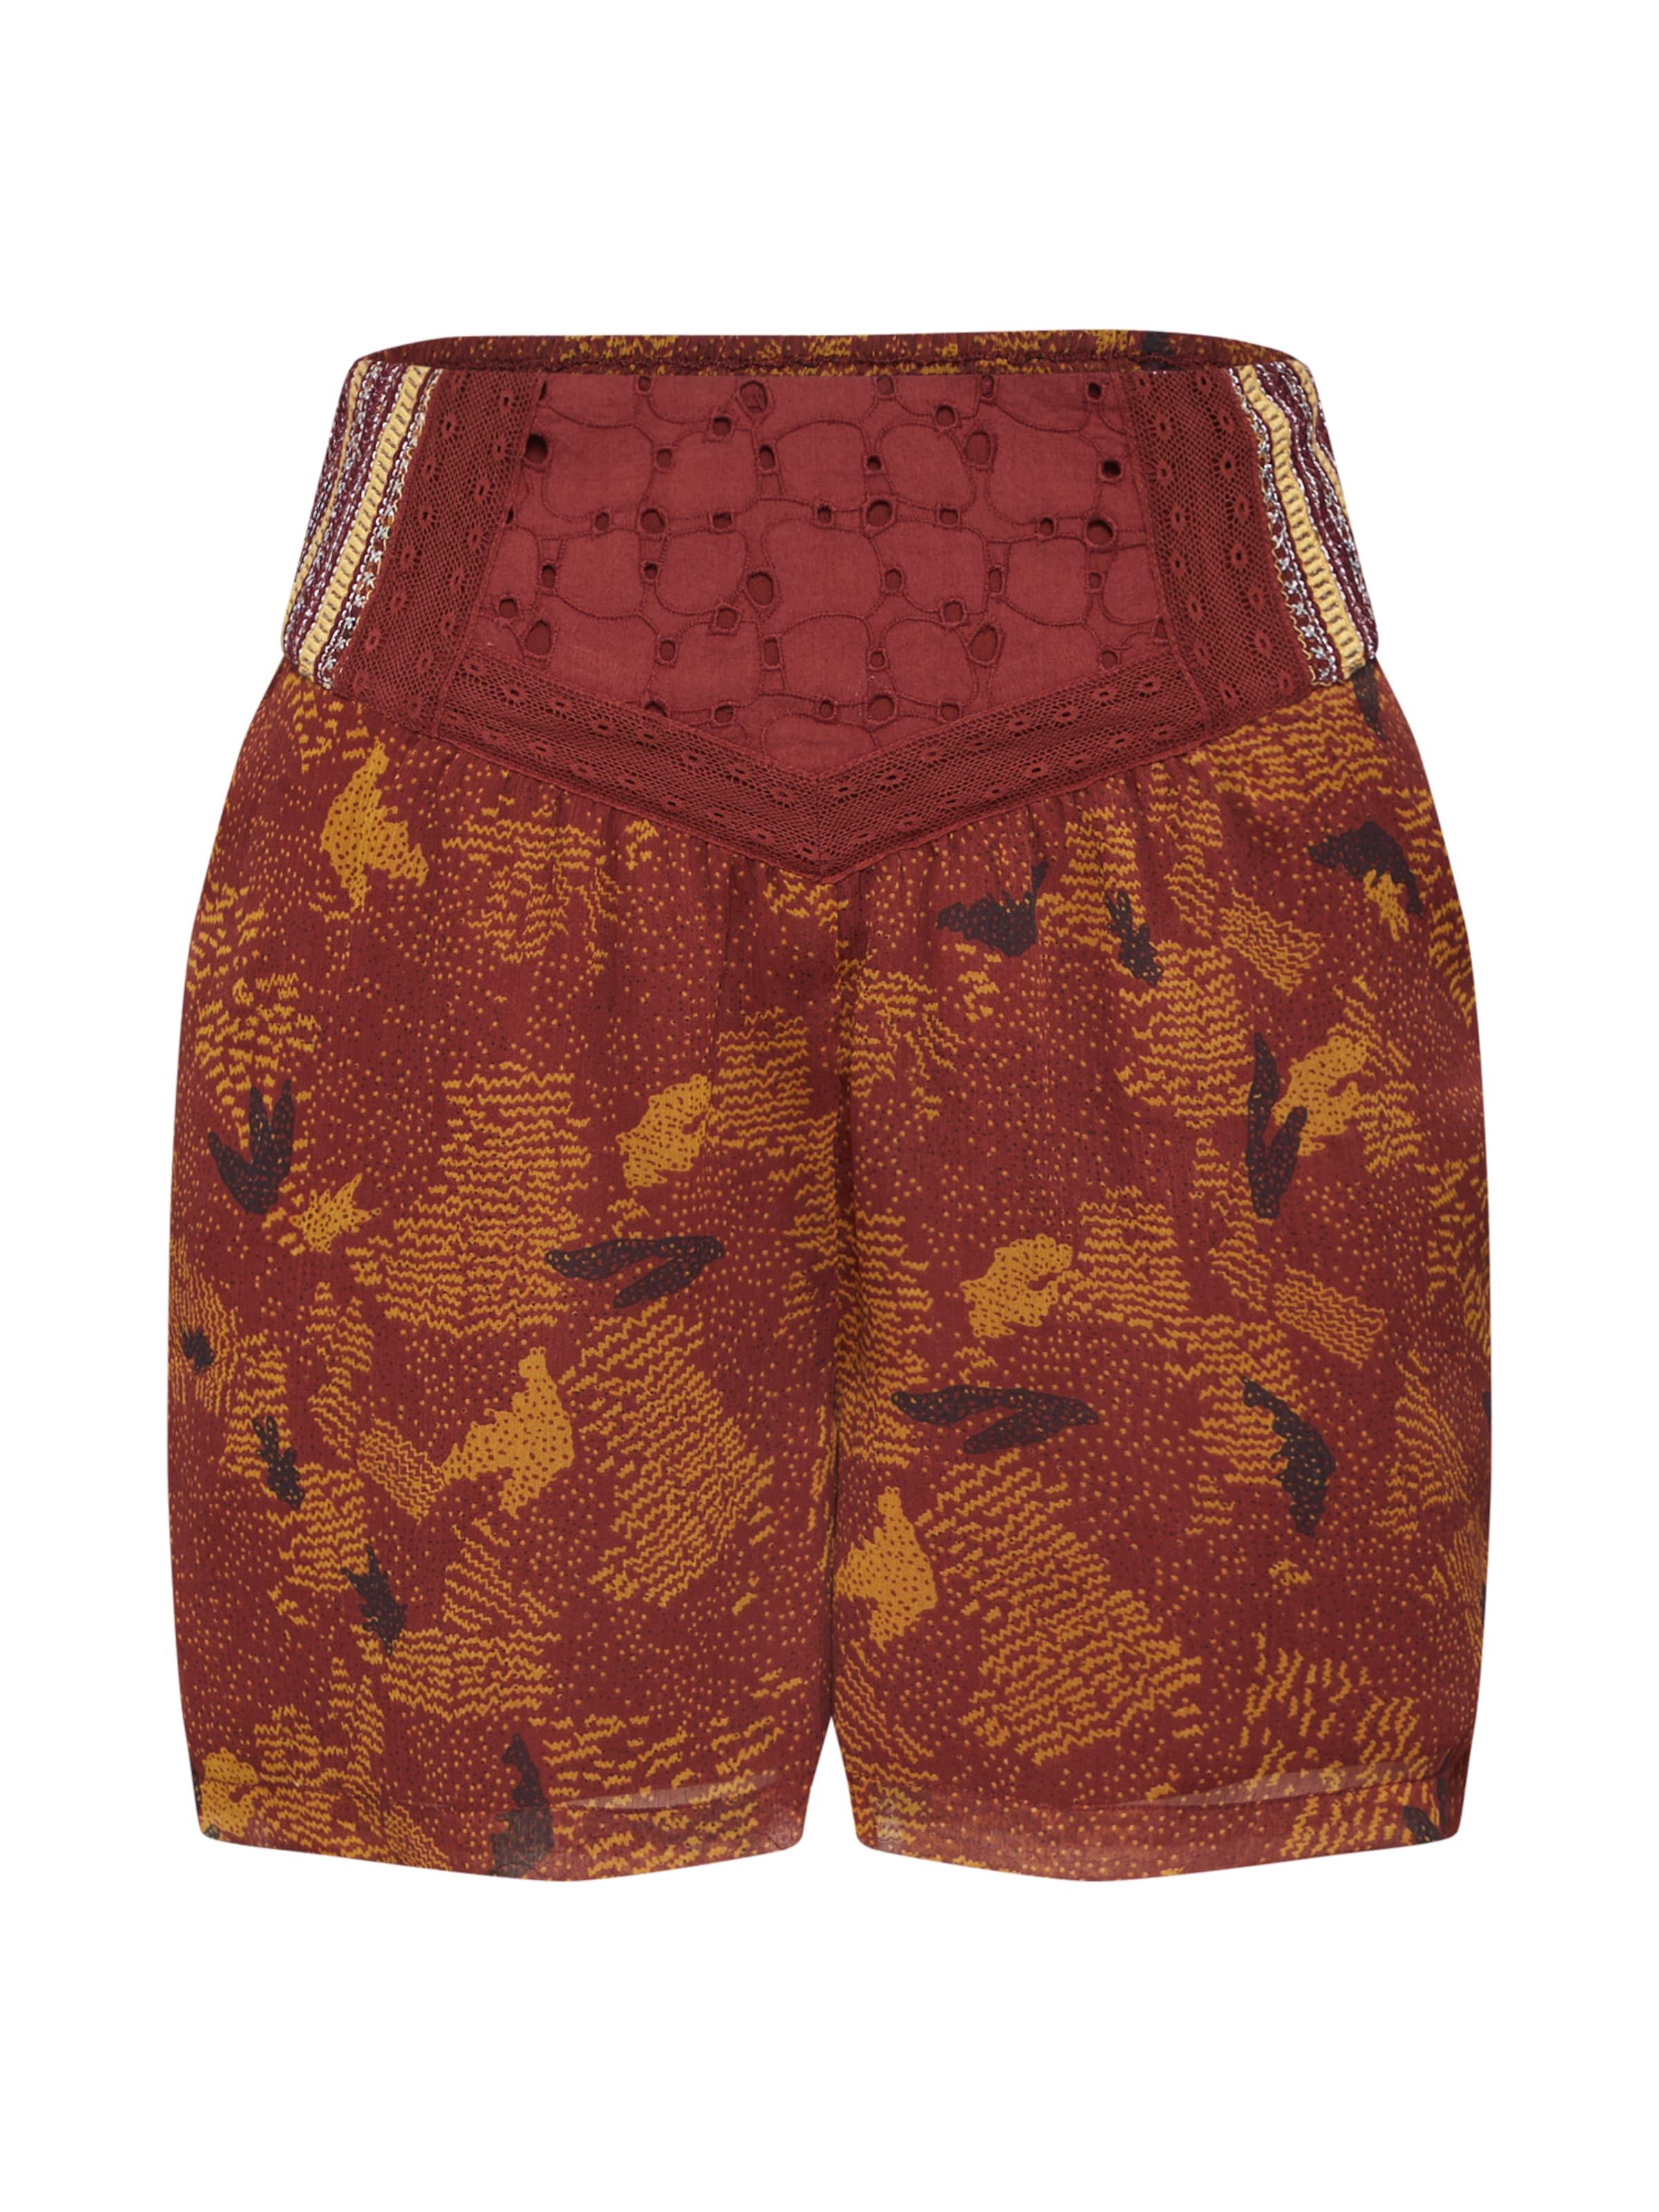 BraunRot a Shorts 'dawn' s In Y EH9WYD2I